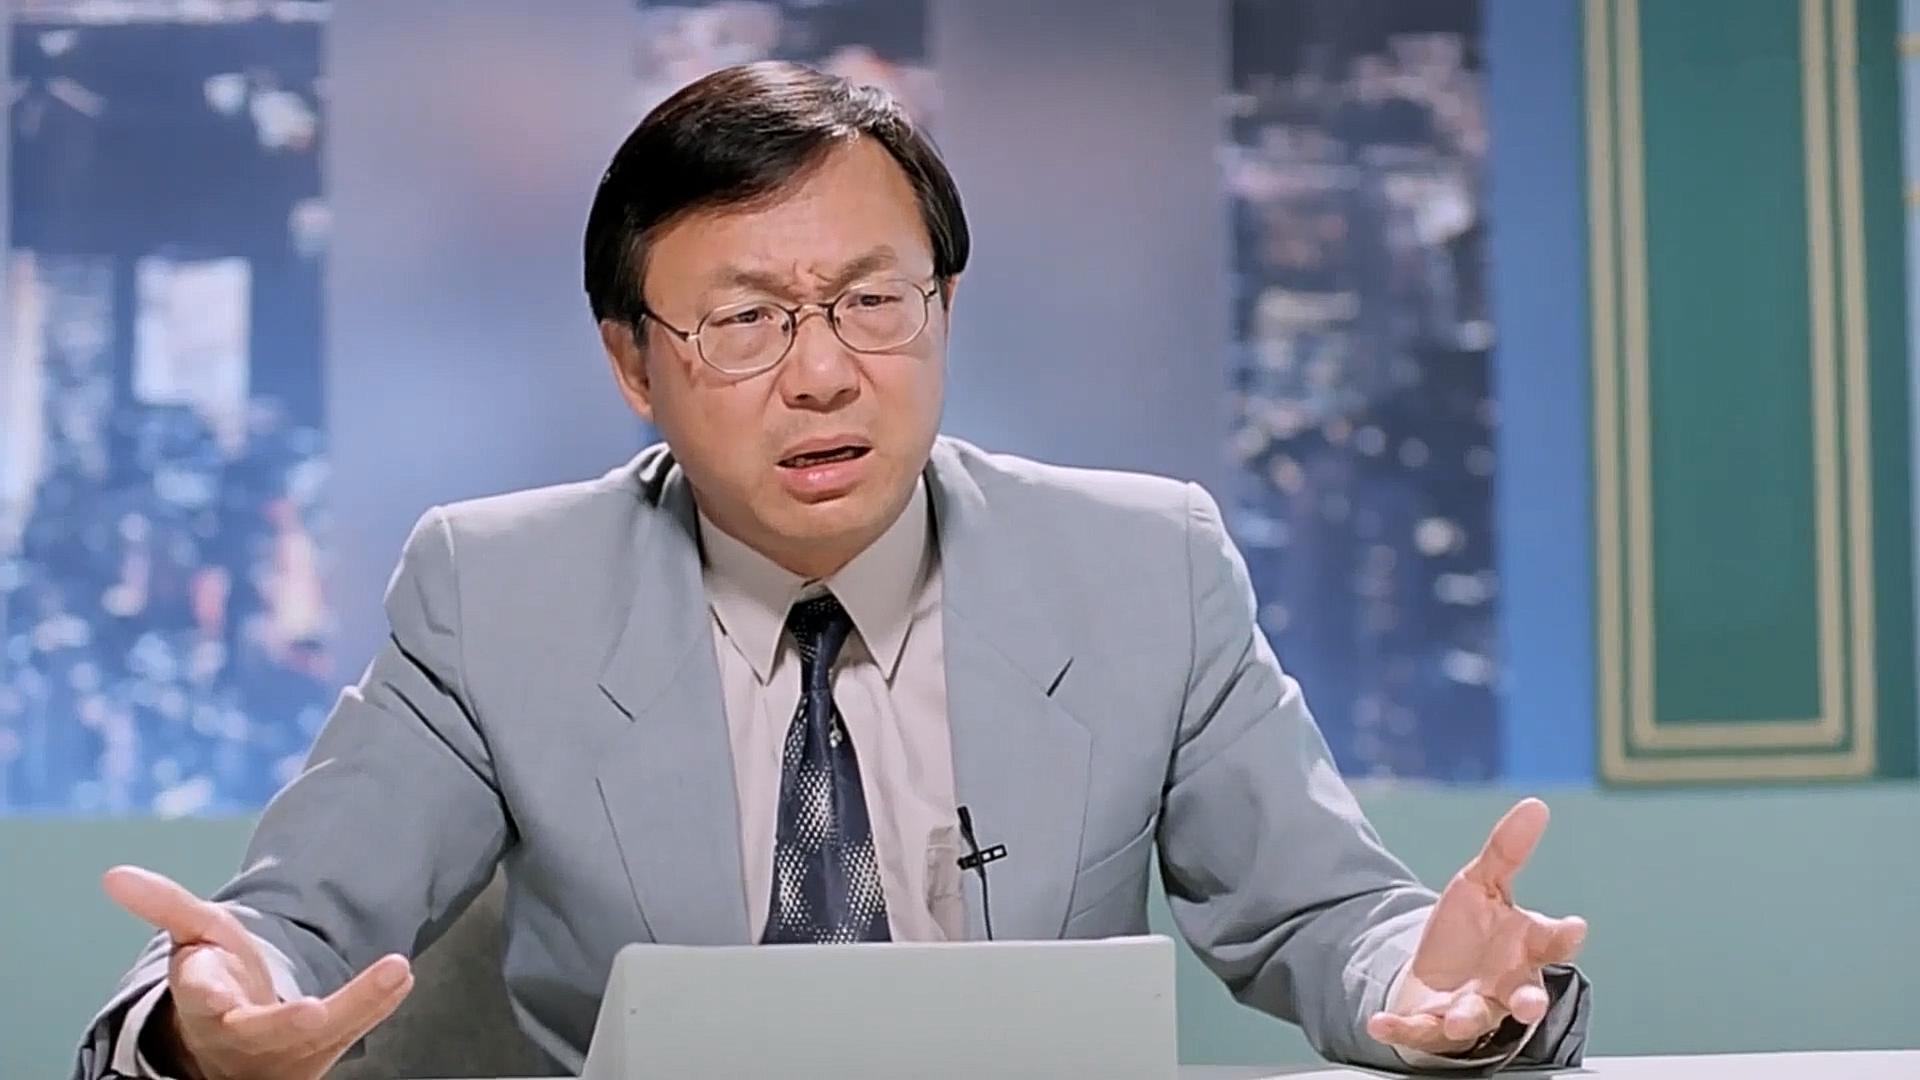 #经典看电影#冷面笑将许冠文离职前曝光电视台黑幕,令人细思极恐